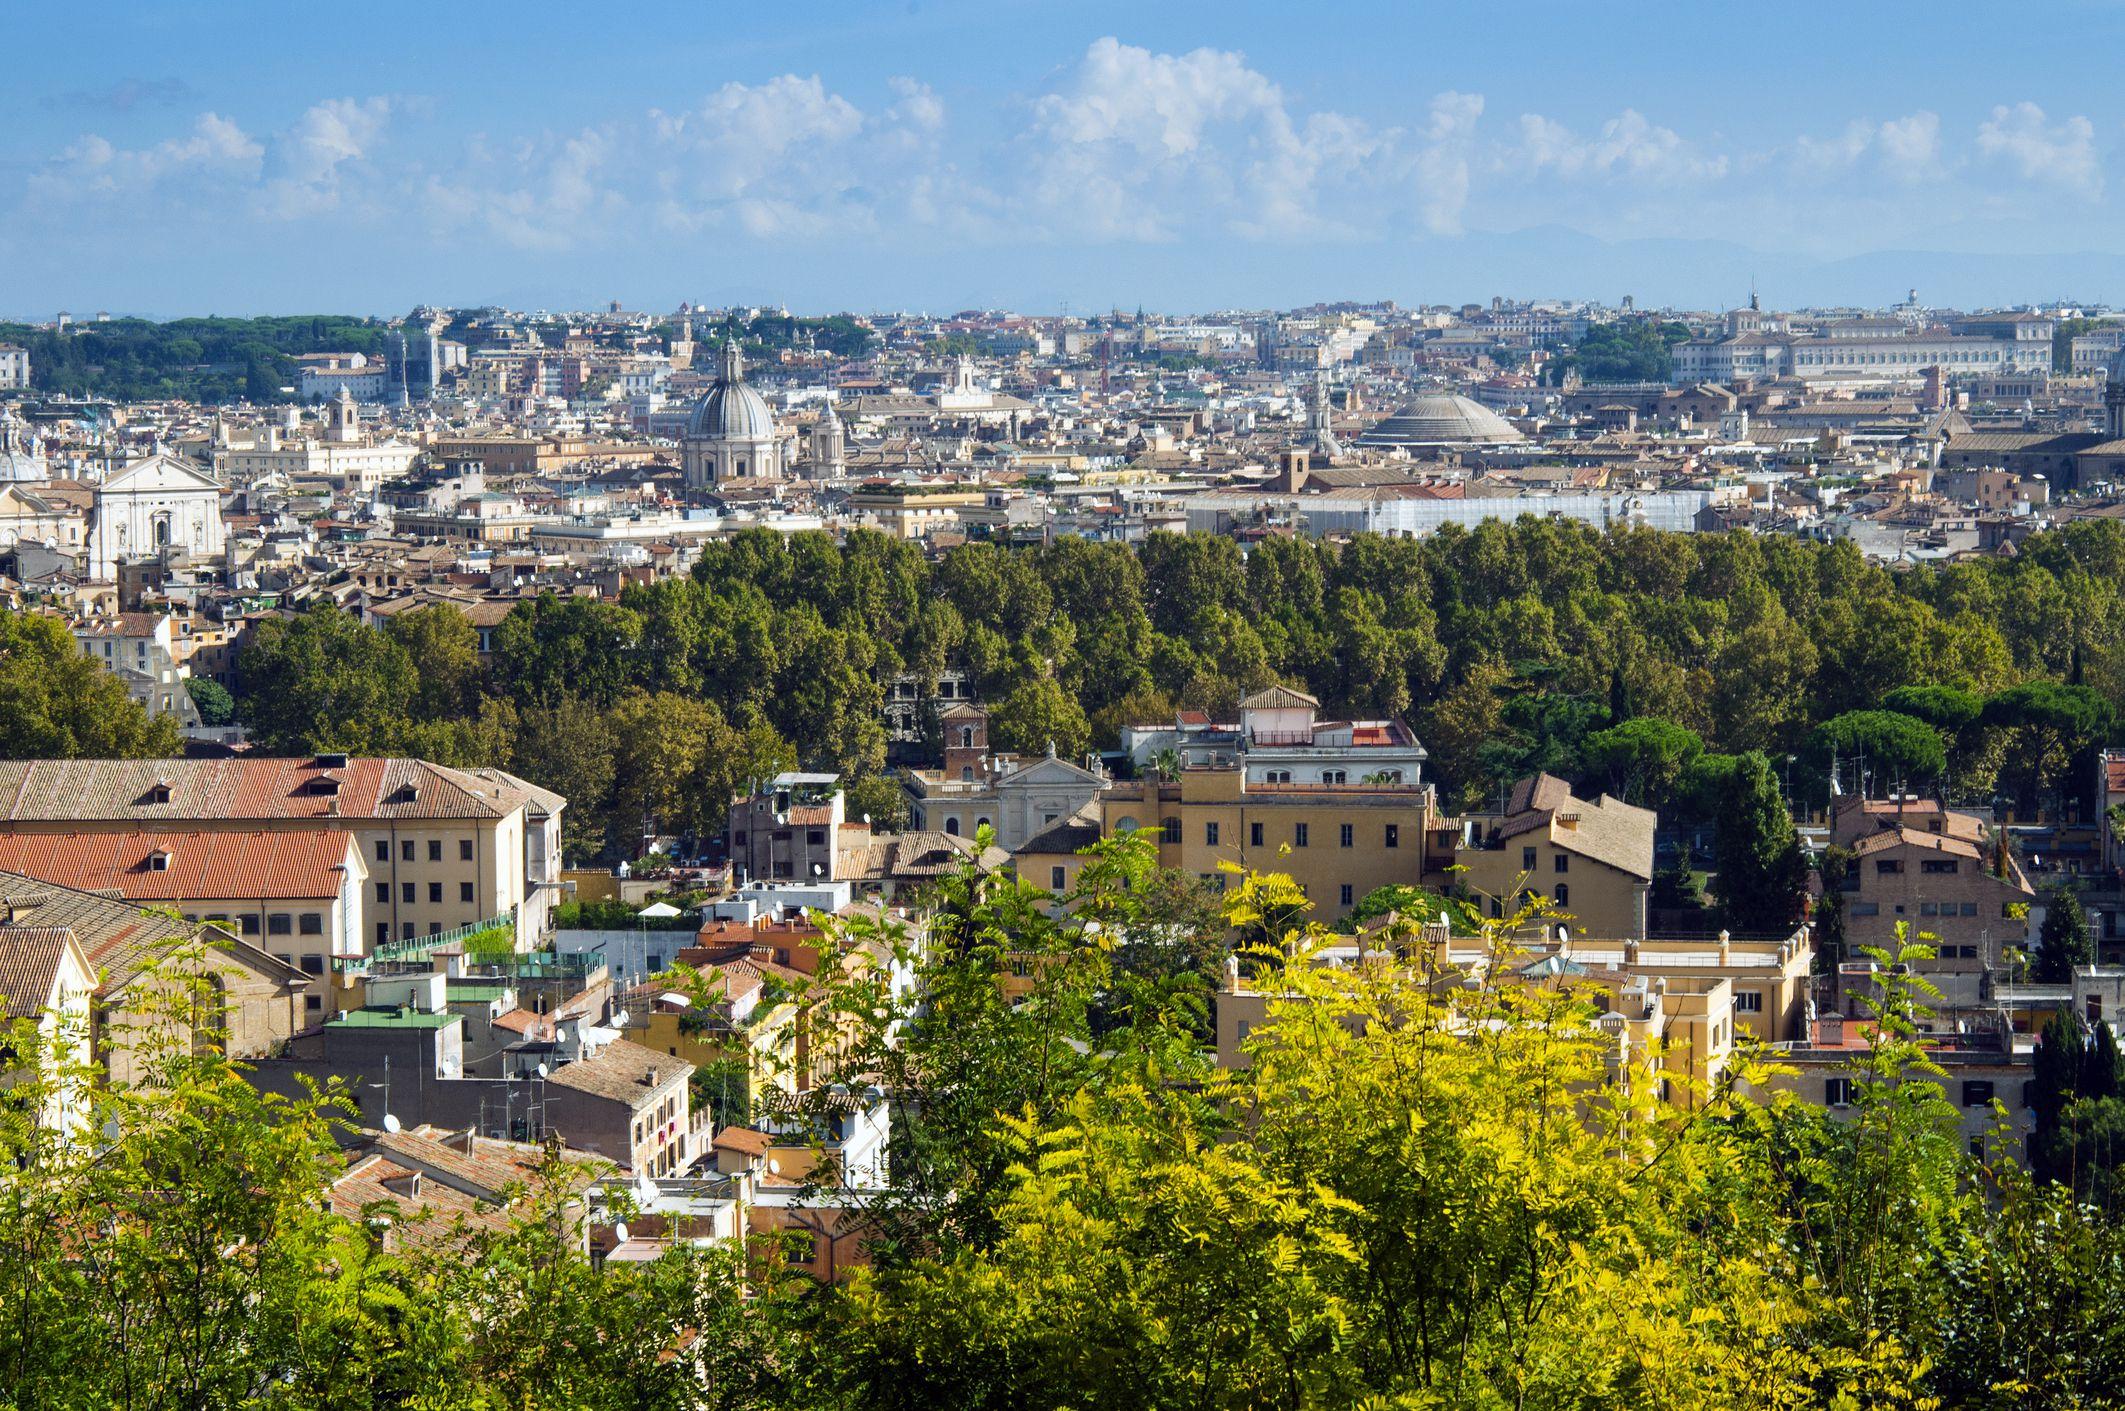 Vista de la ciudad desde la colina del Janículo, Roma, Italia